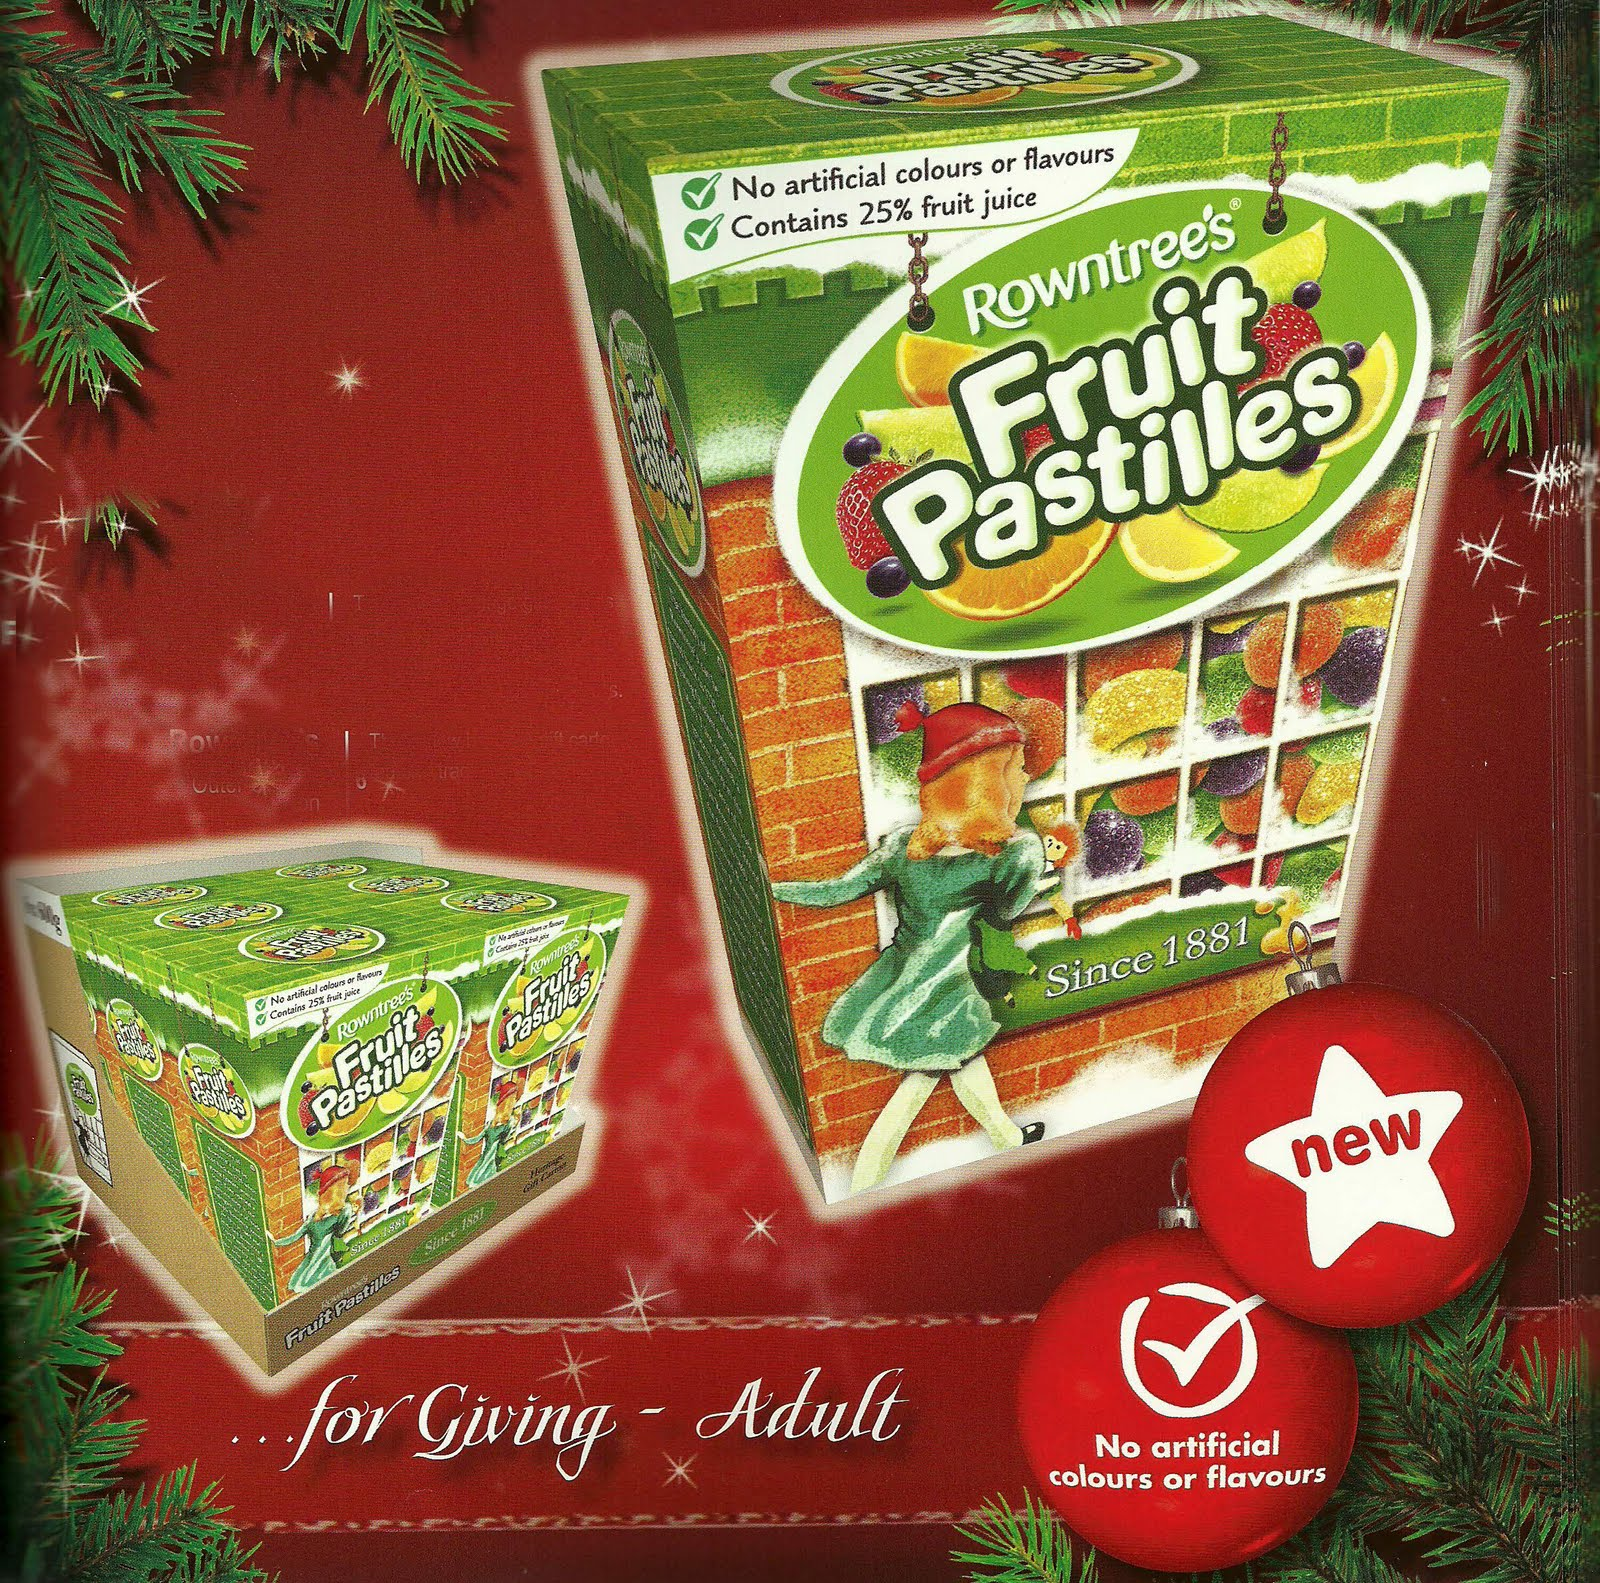 http://3.bp.blogspot.com/_bdLVYtPzGow/TBqD_emx8YI/AAAAAAAAAIQ/fO-jbWszQe0/s1600/rowntrees+fruit+pastilles.jpg